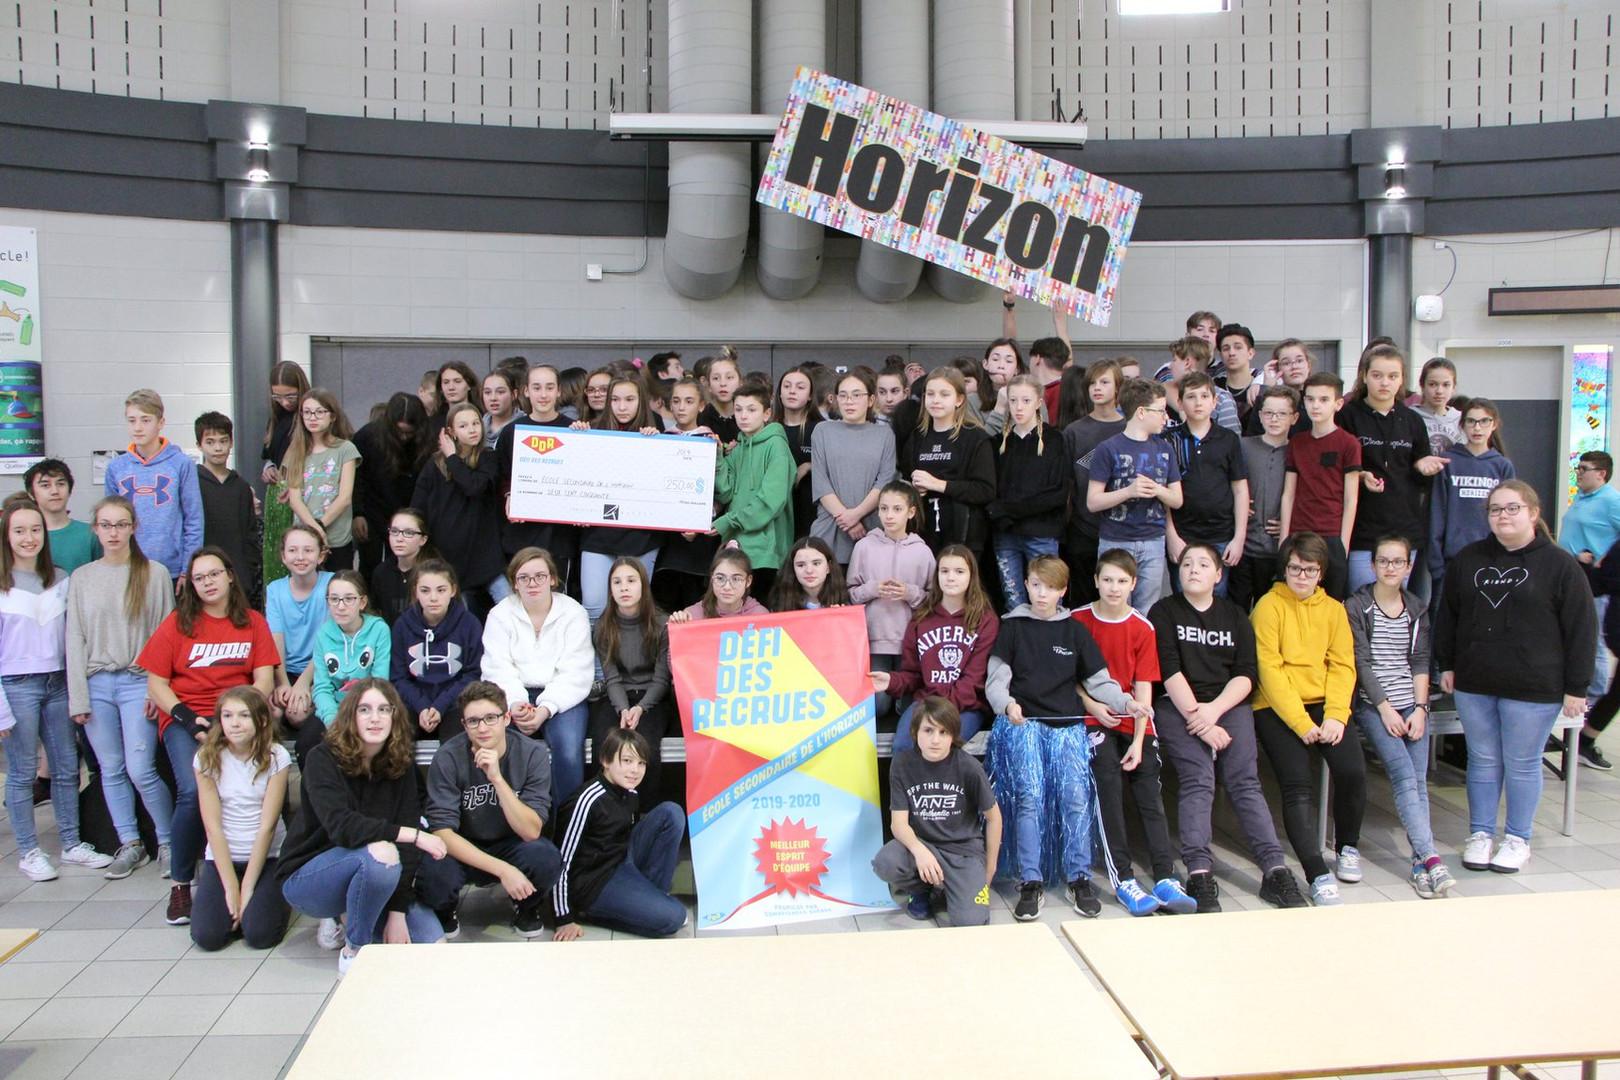 École secondaire de l'Horizon - Photo du Défi des recrues